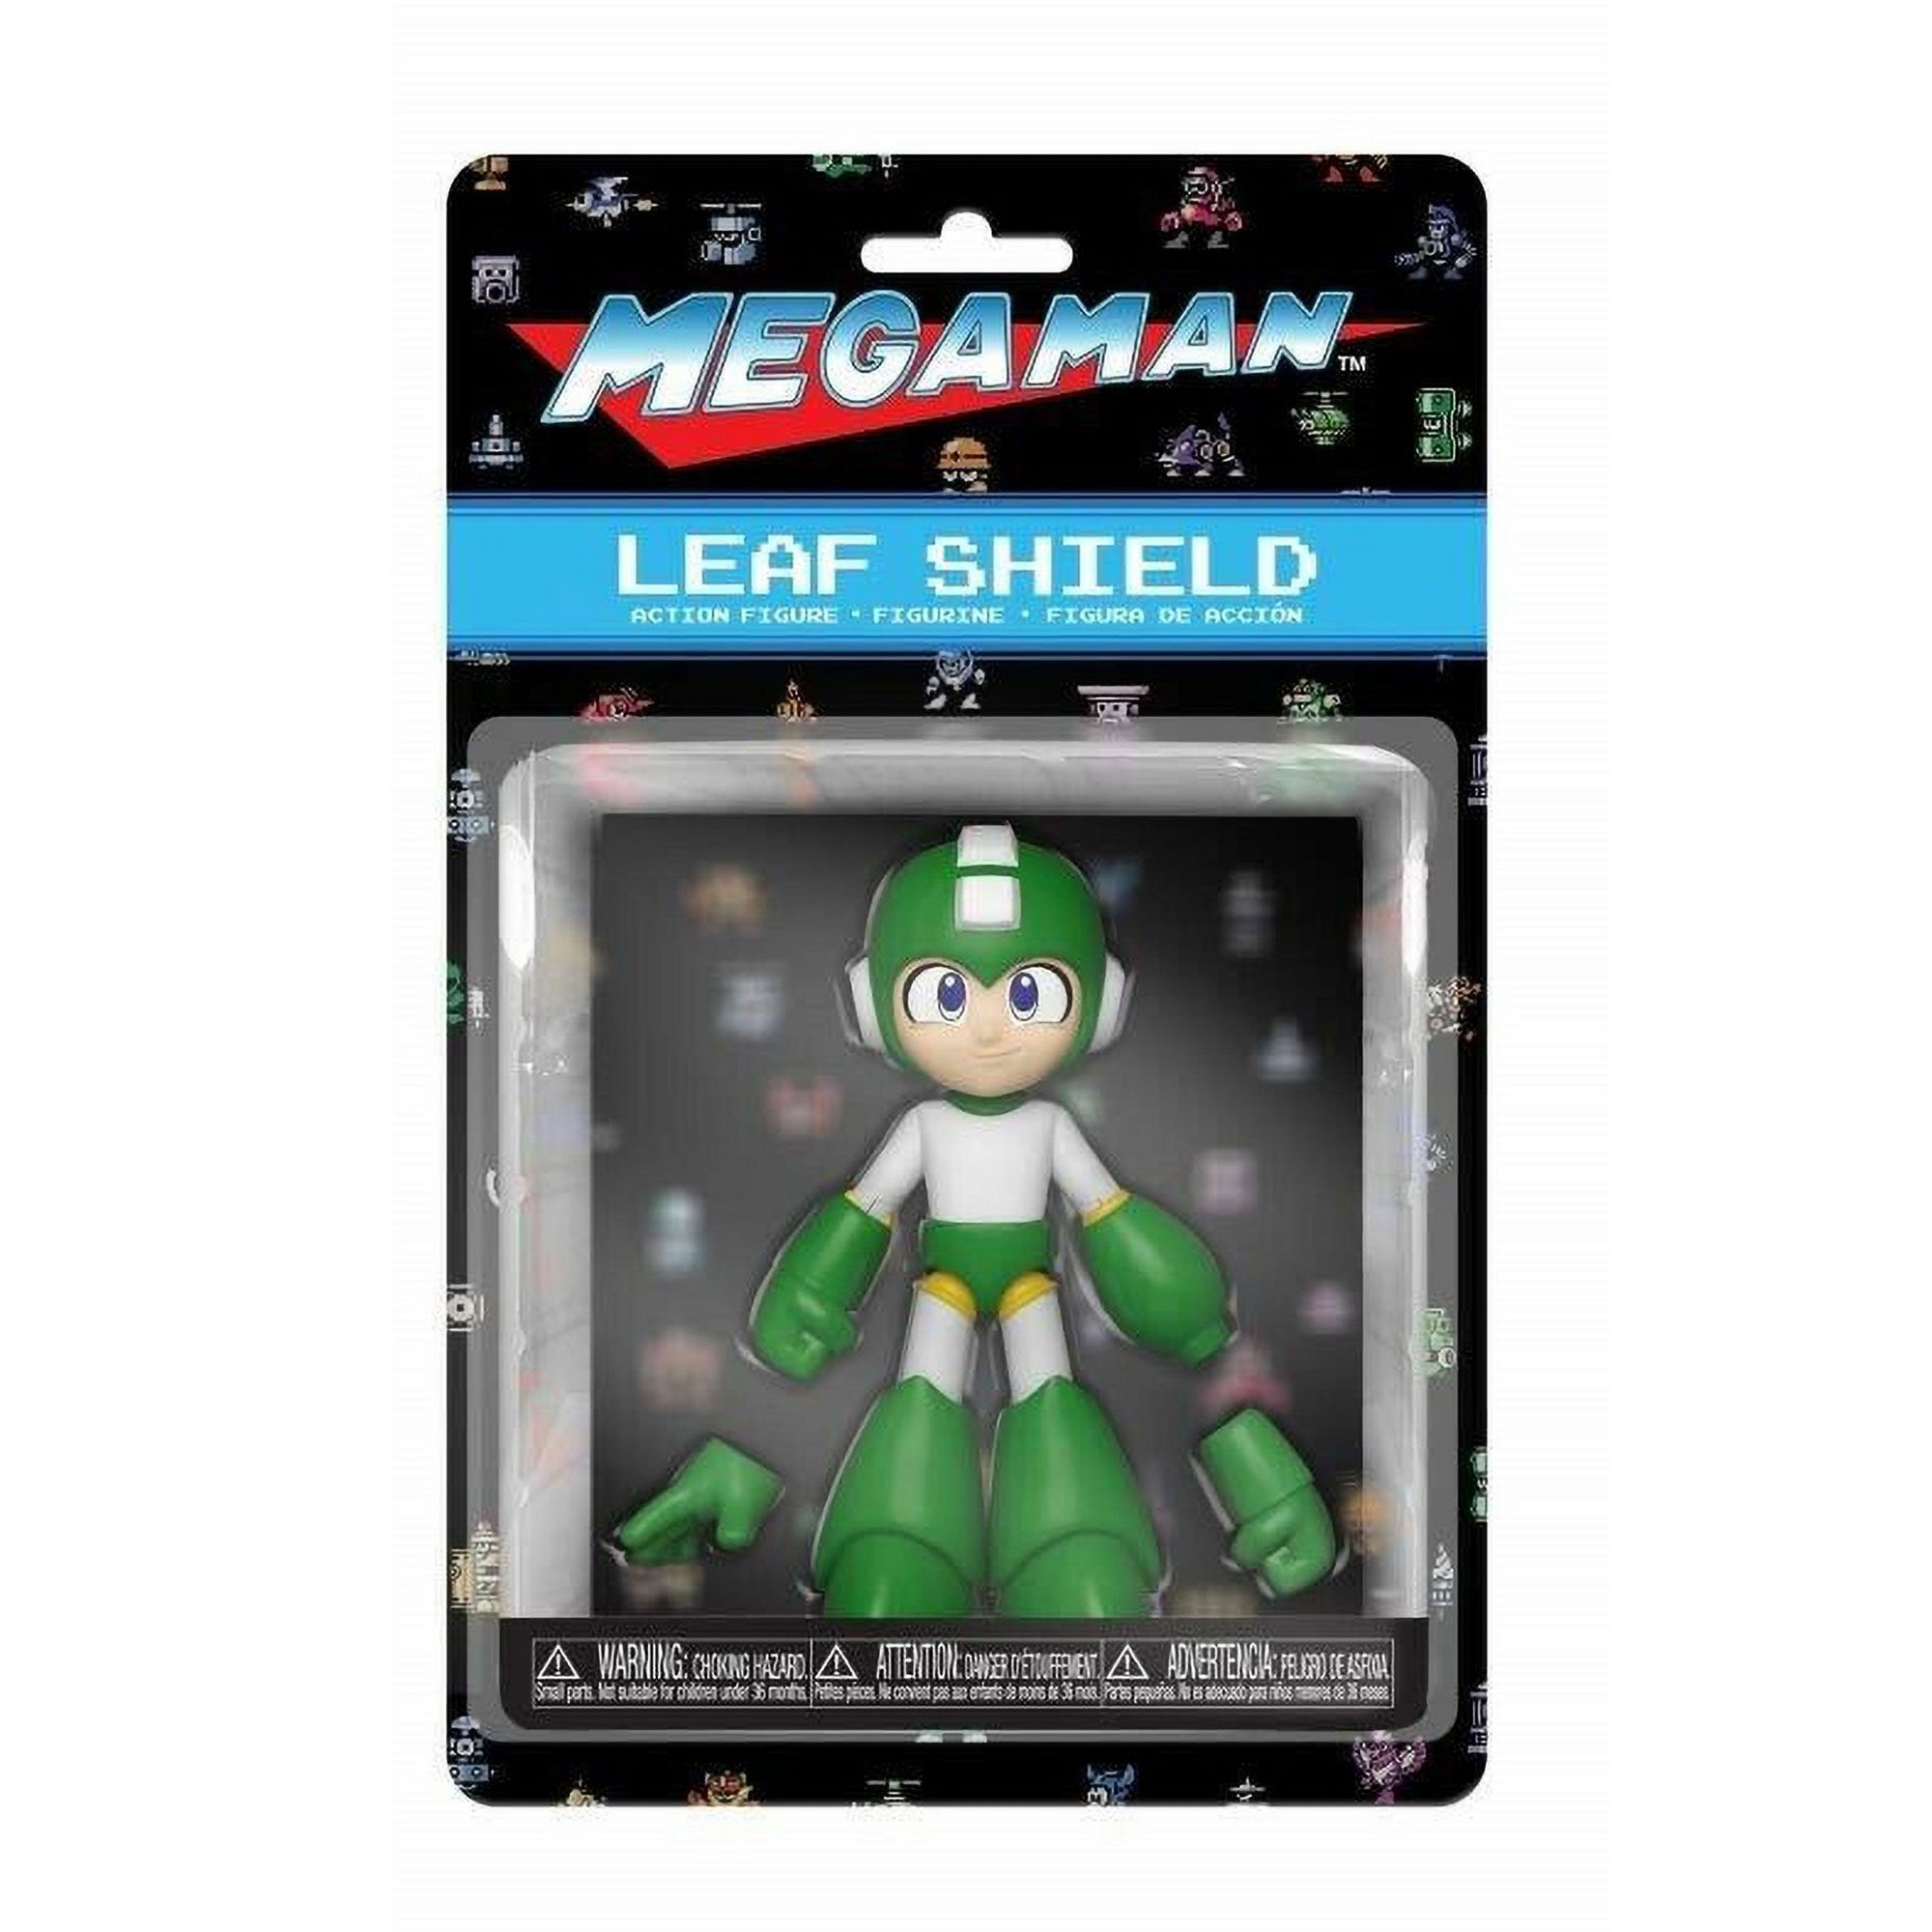 Image of Funko POP! Mega Man Leaf Shield Action Figure